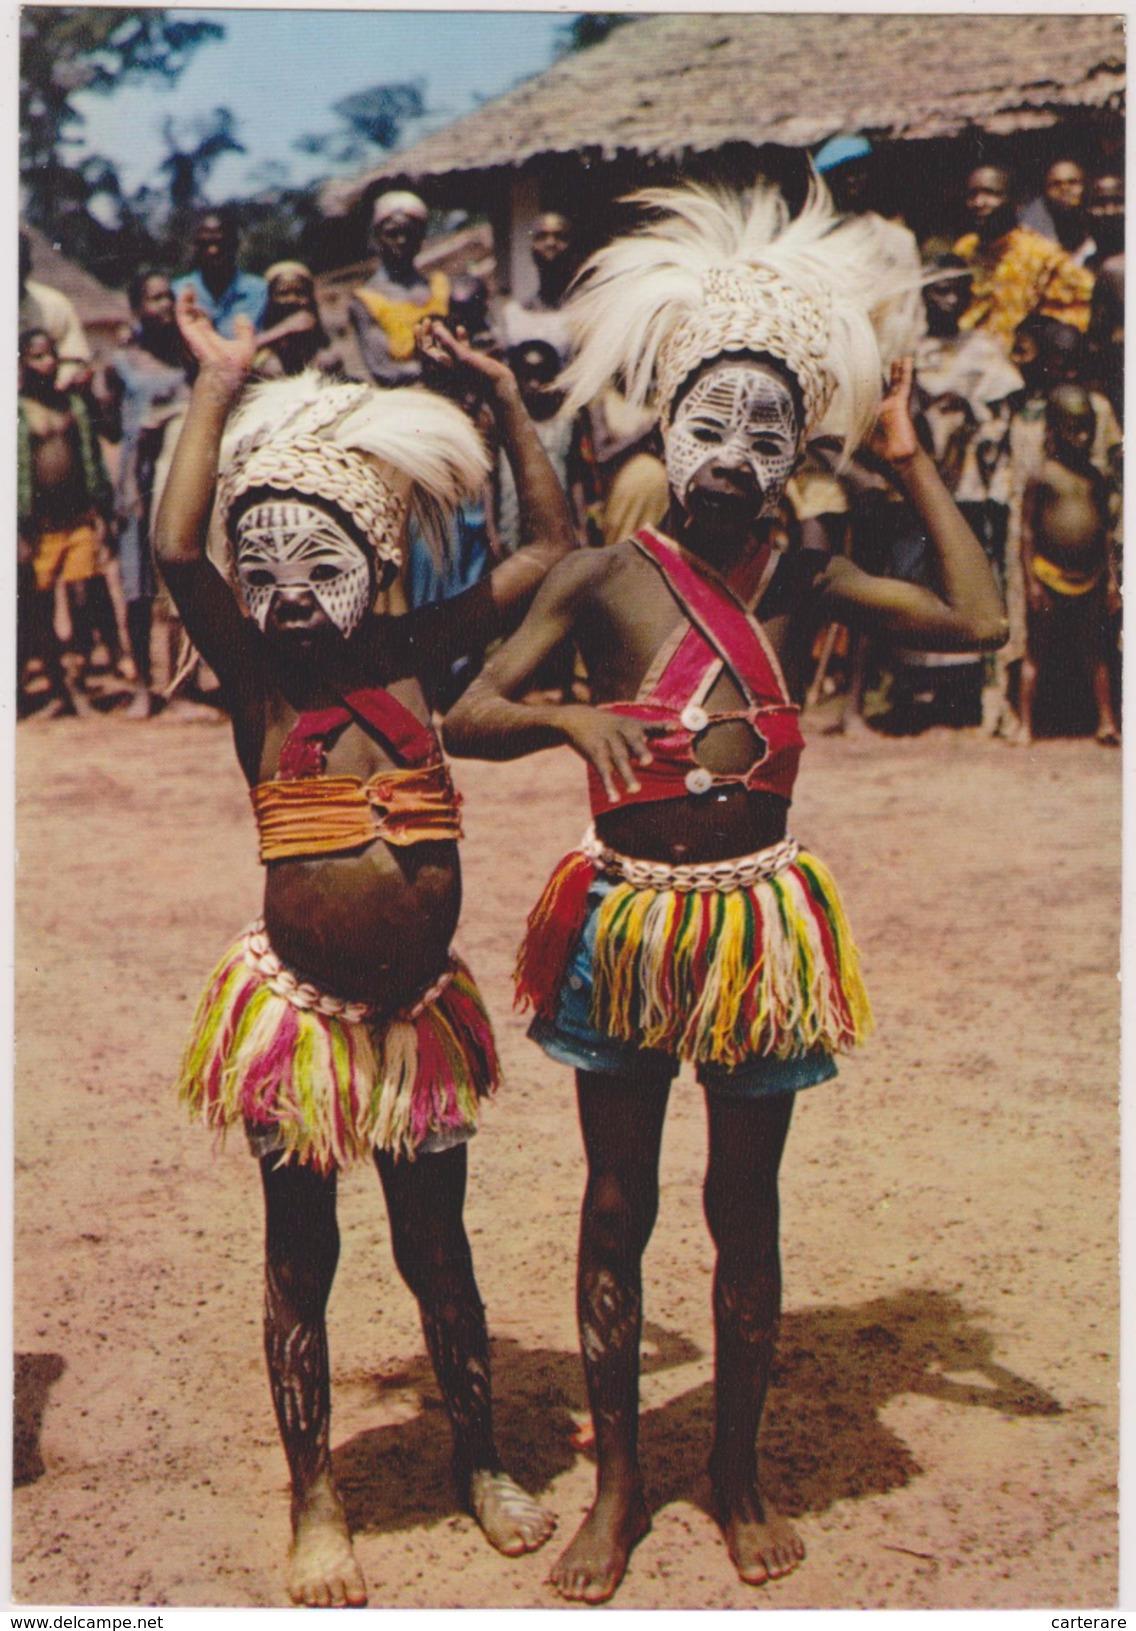 MASQUE AFRICAIN ,african Mask,ENFANT FUTUR SORCIER,PARANORMAL,DEGUISEMENT - Côte-d'Ivoire